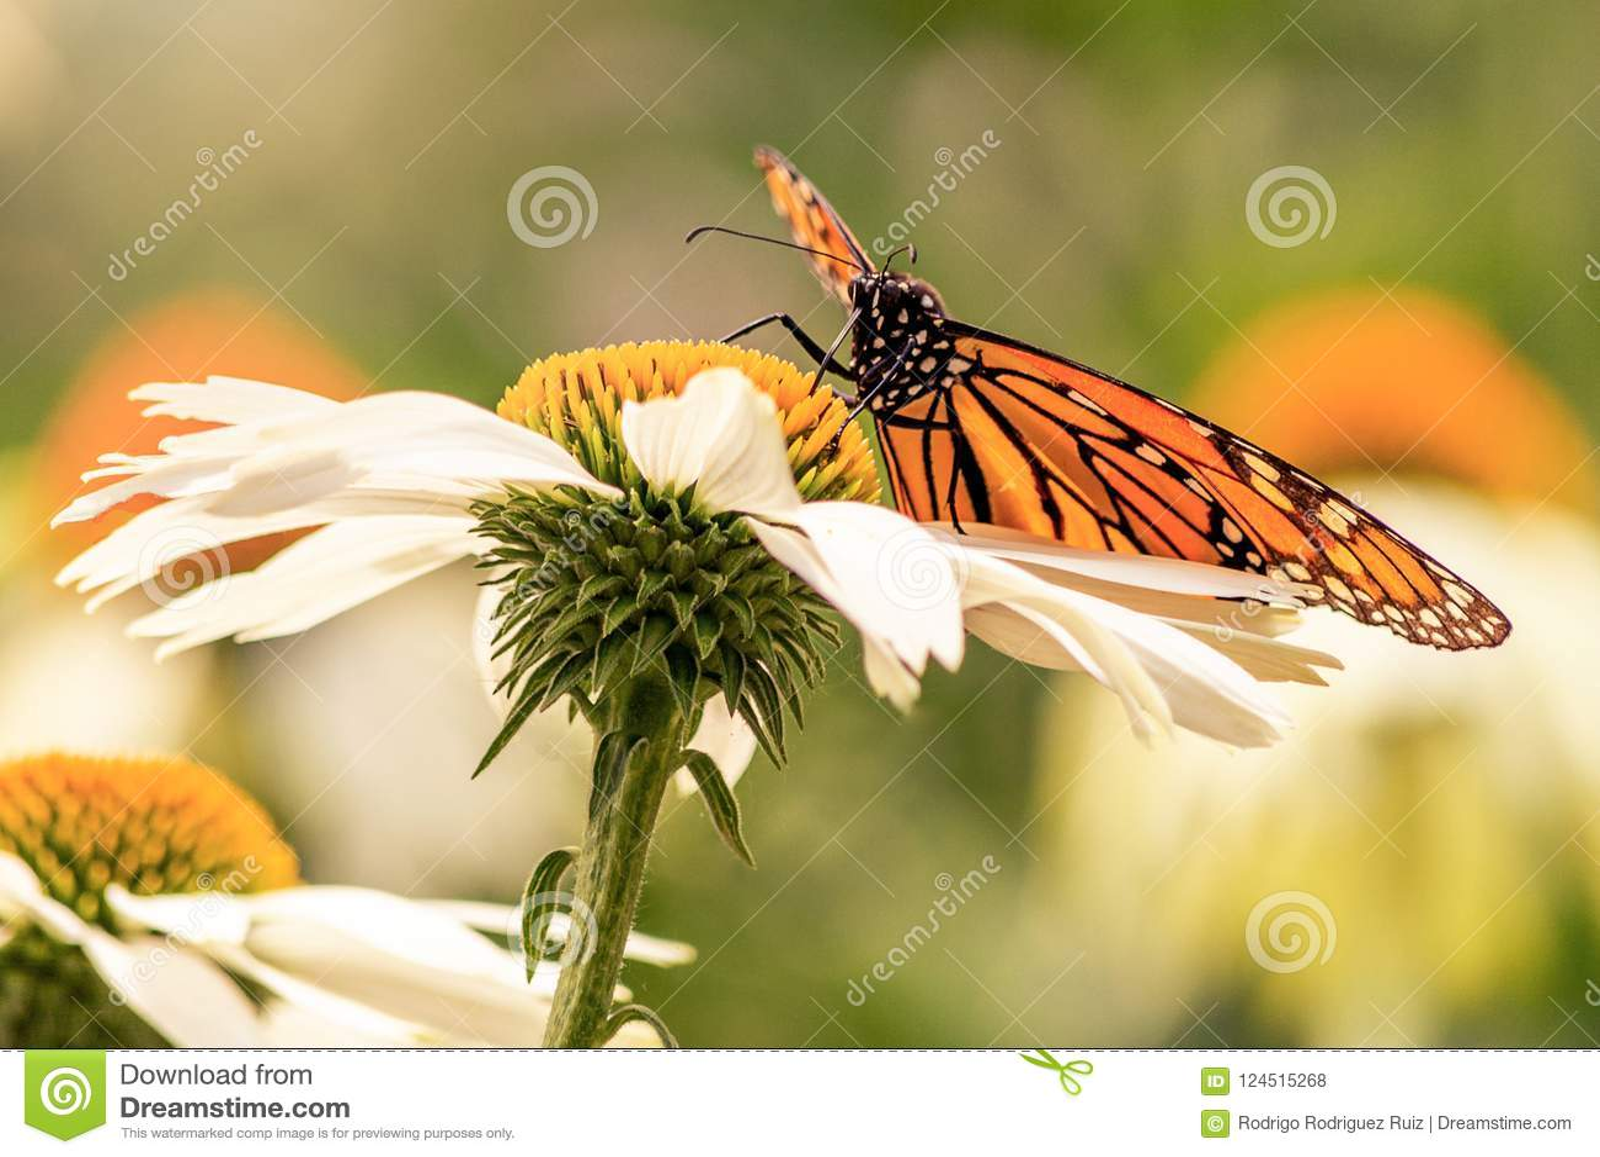 Flügel eines Monarchfalters